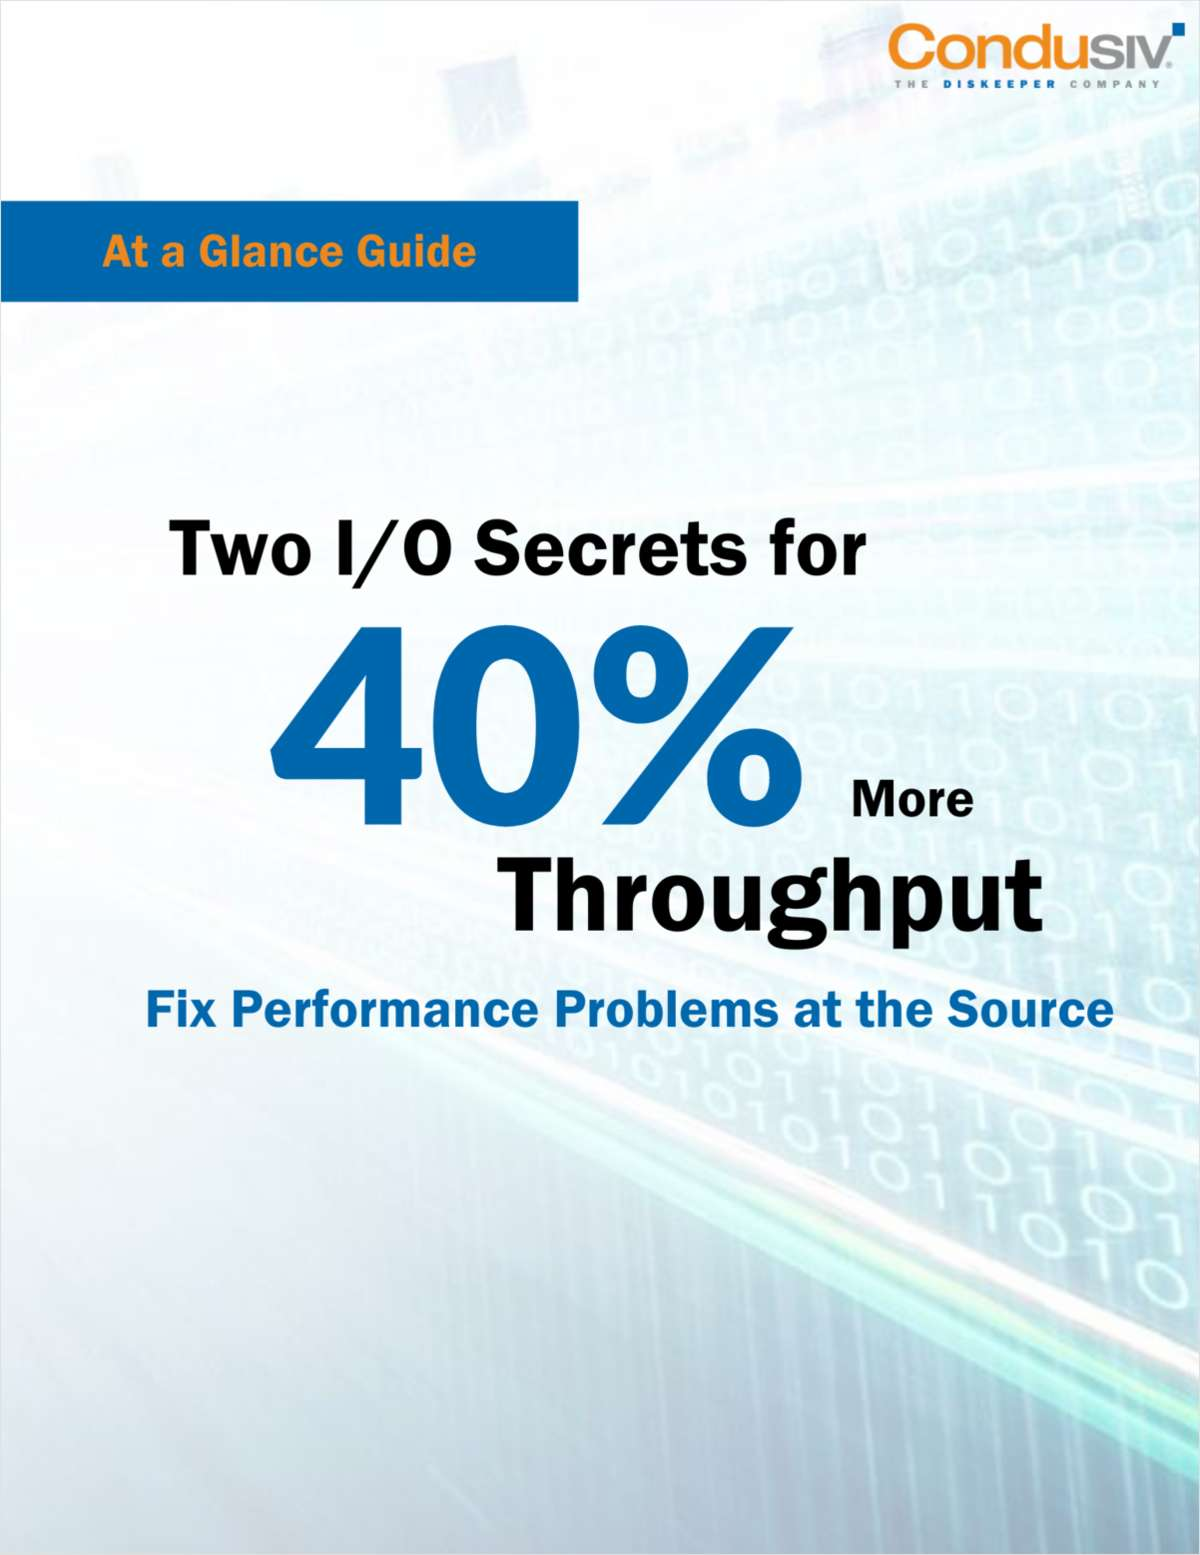 Two I/O Secrets for 40% More Throughput